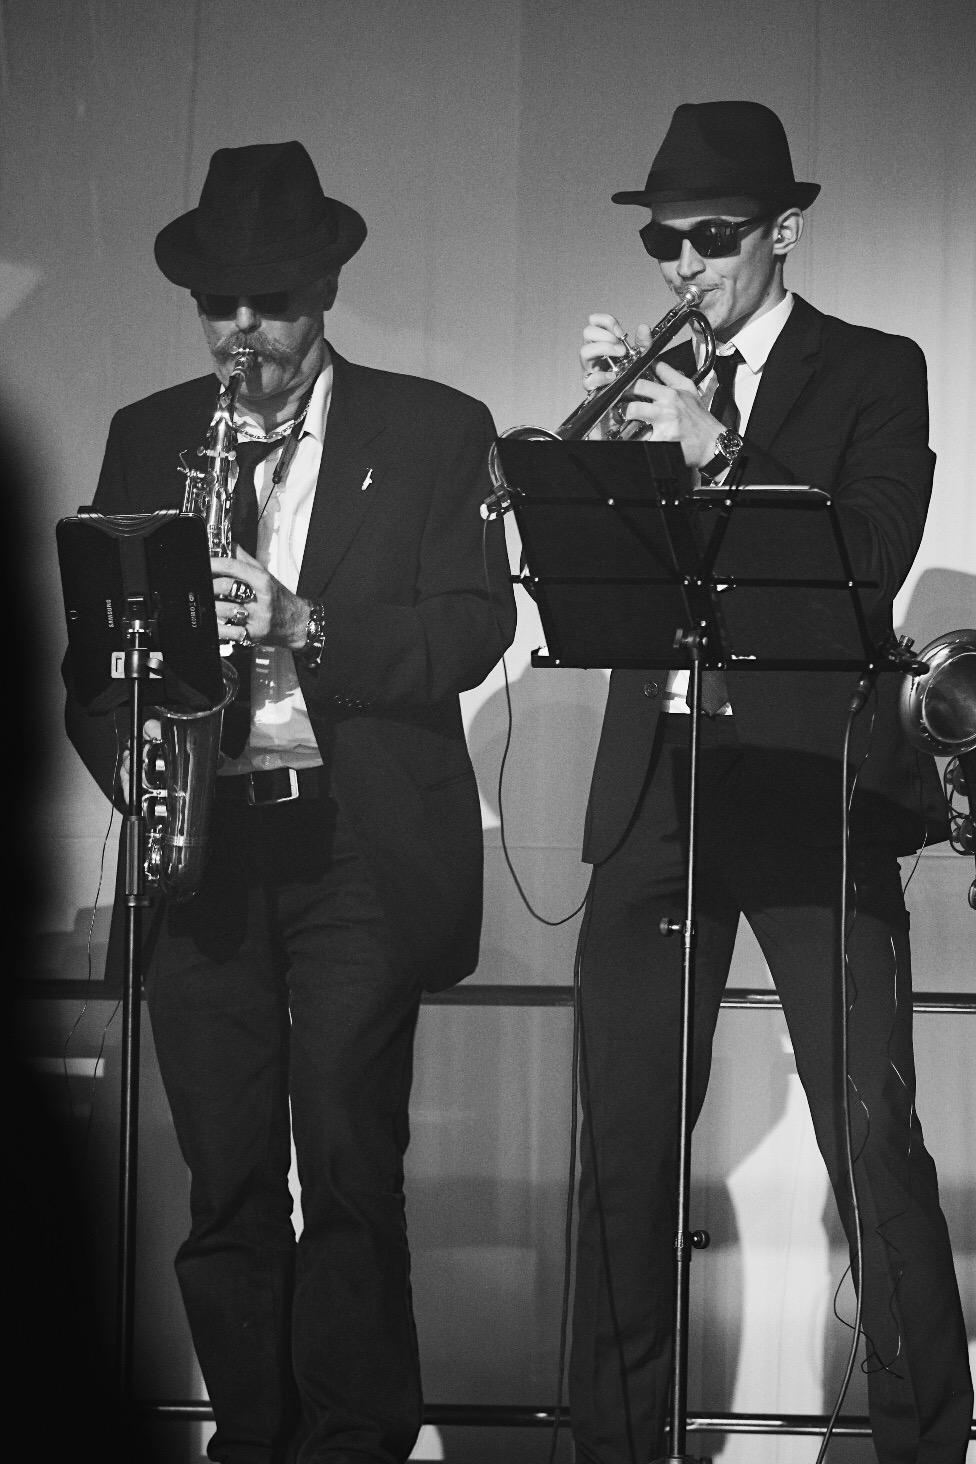 Georg Kraus (Saxophon) und David Sabasch (Trompete). Bildrechte Sabine Köstlmaier